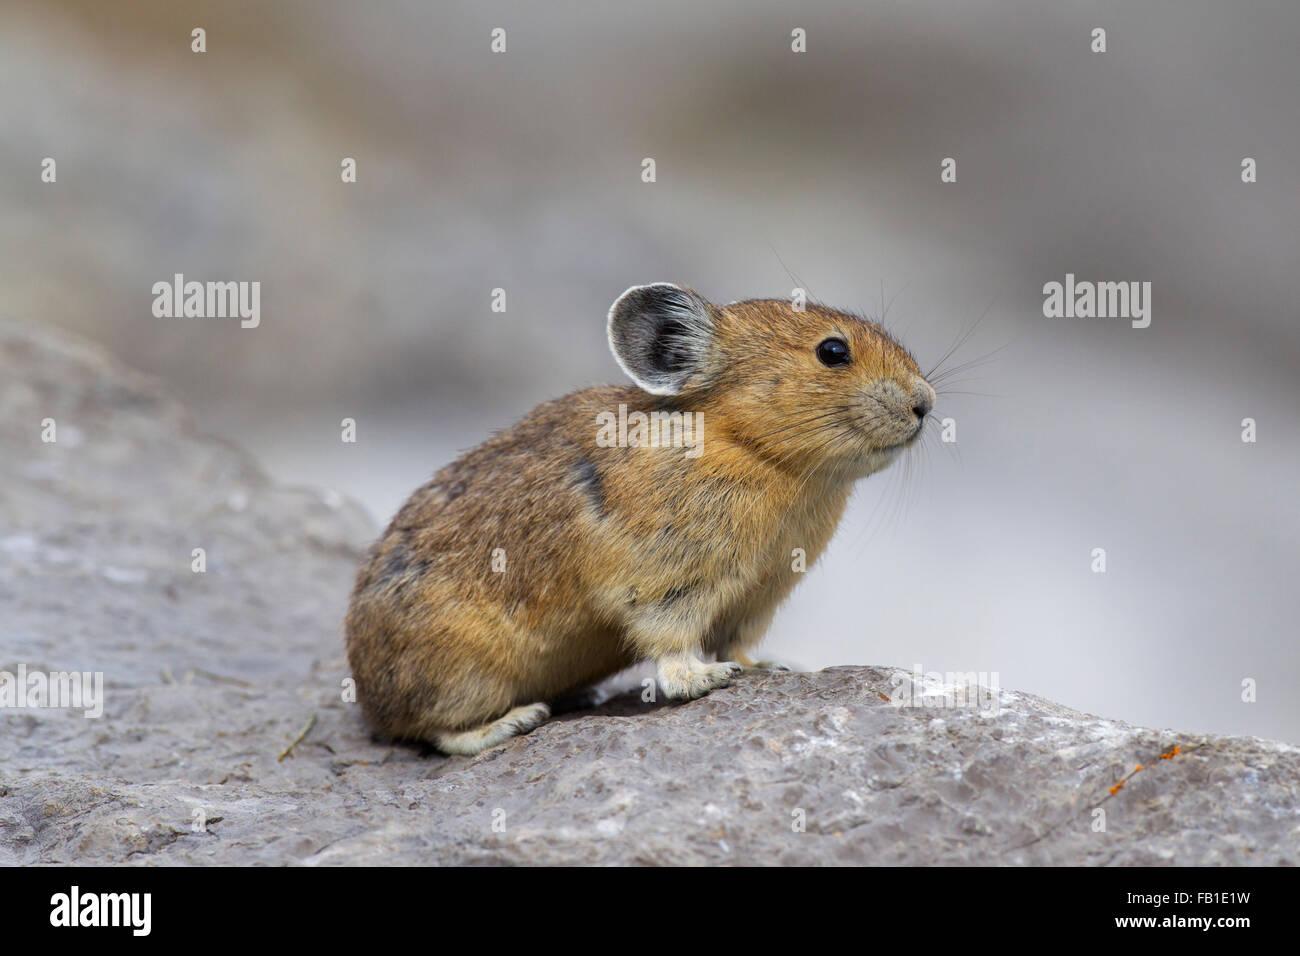 American pika (Ochotona princeps) nativa per le regioni alpine di Canada e Stati Uniti occidentali, prime vittime Immagini Stock